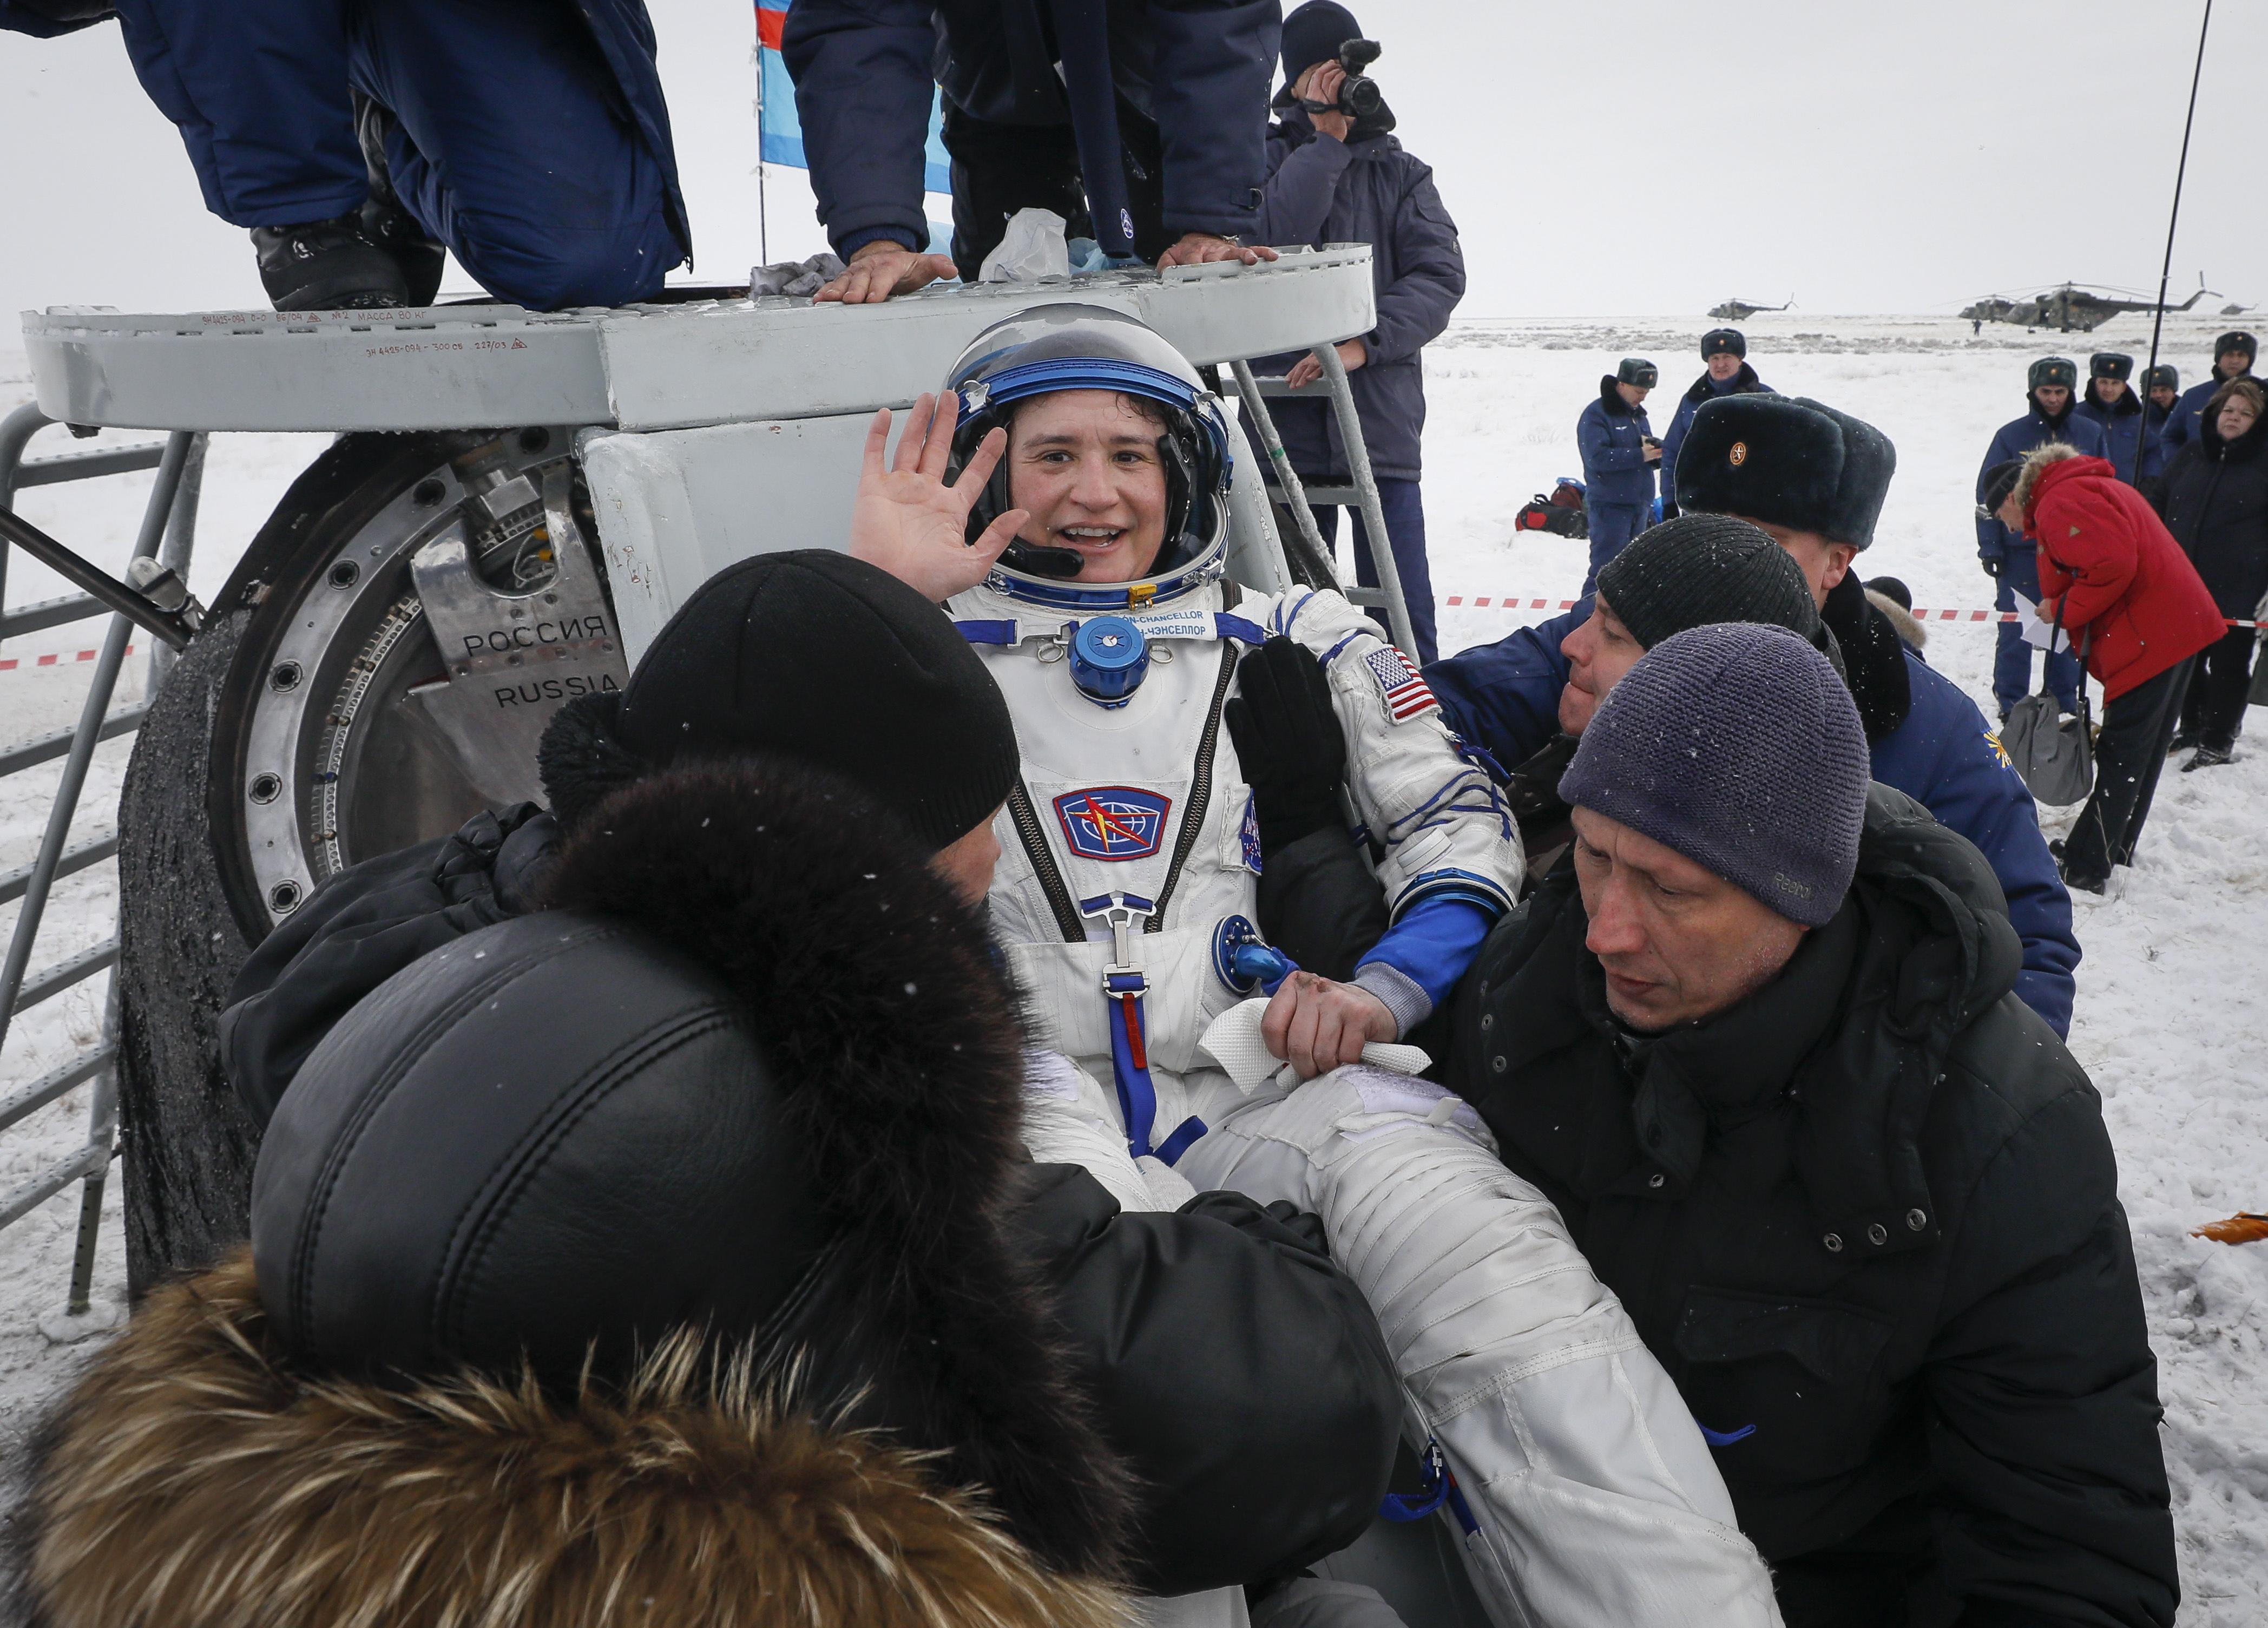 epestrepsan-me-epitychia-sti-gi-dyo-astronaytes-kai-enas-kosmonaytis-apo-ton-iss-fotografies7